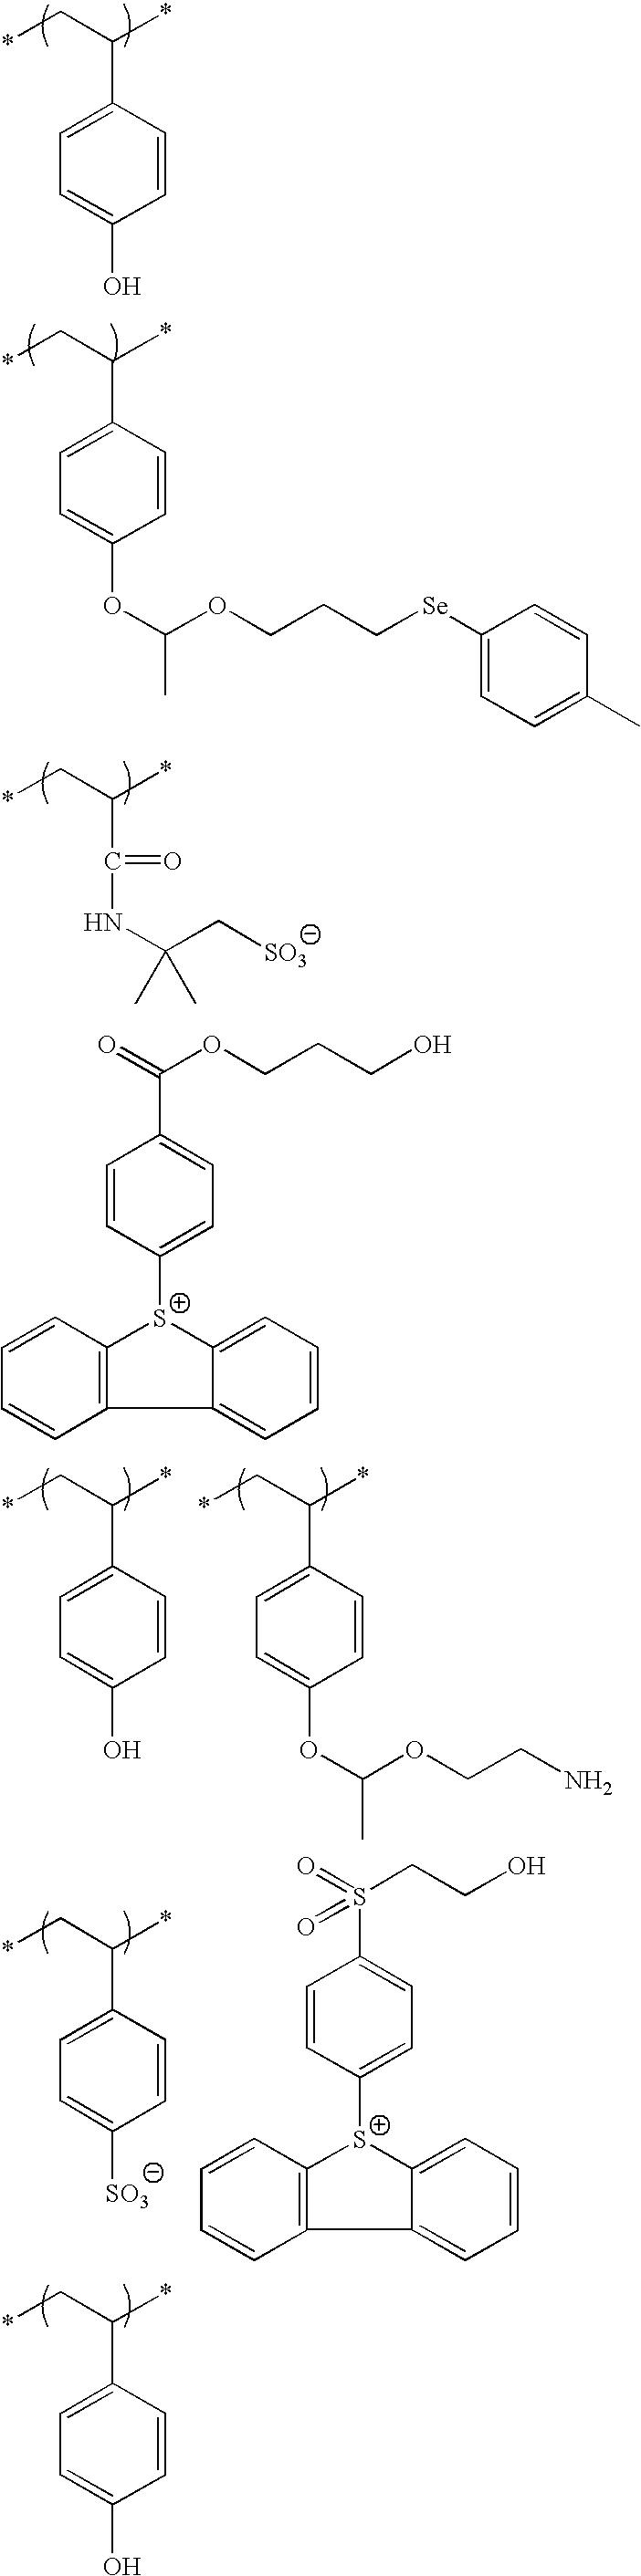 Figure US20100183975A1-20100722-C00176